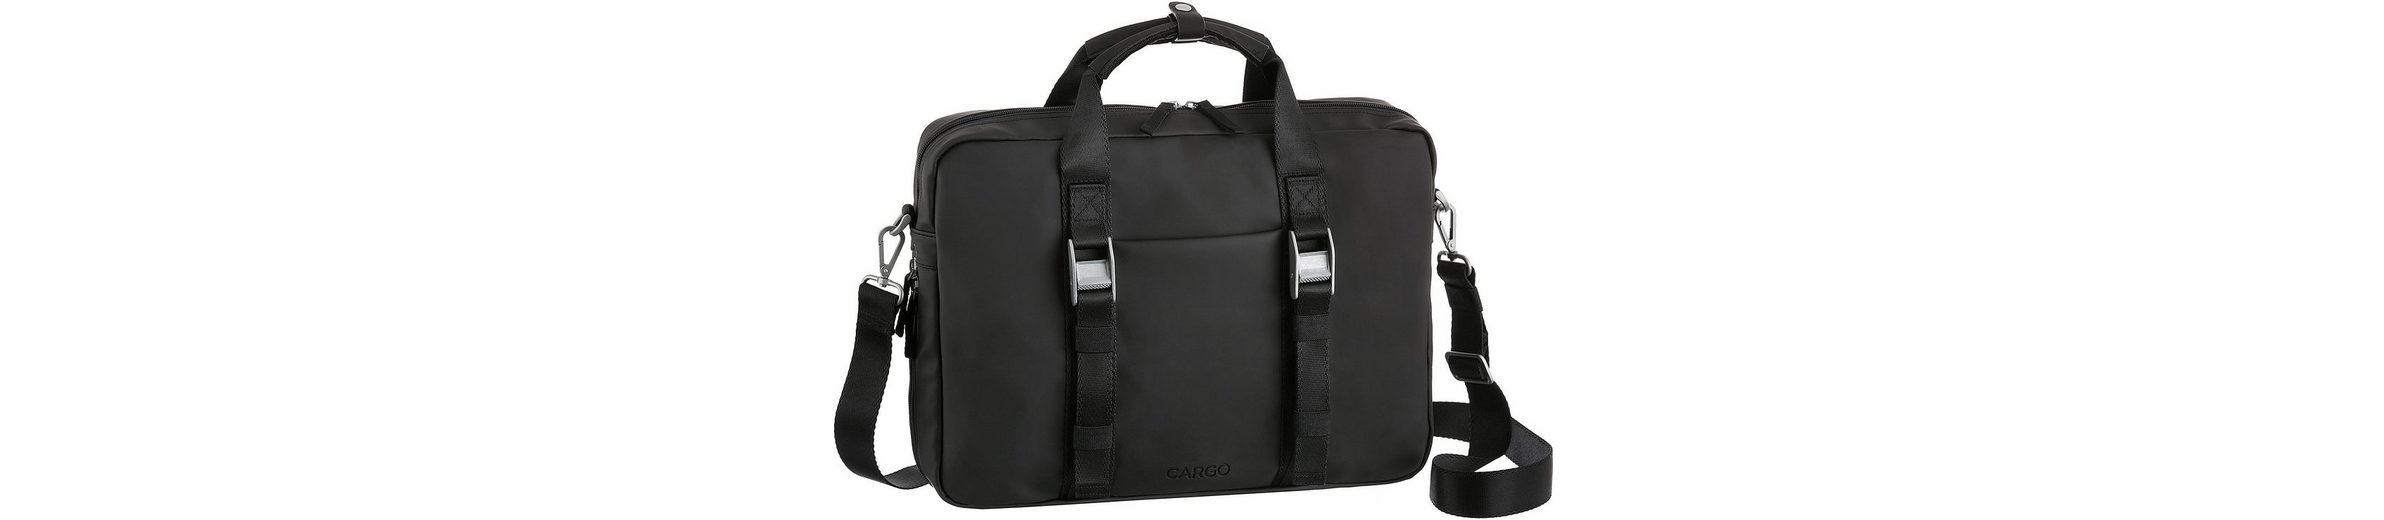 CARGO Businesstasche mit 13-Zoll Laptopfach, Cargo 302, schwarz, 1 Fach